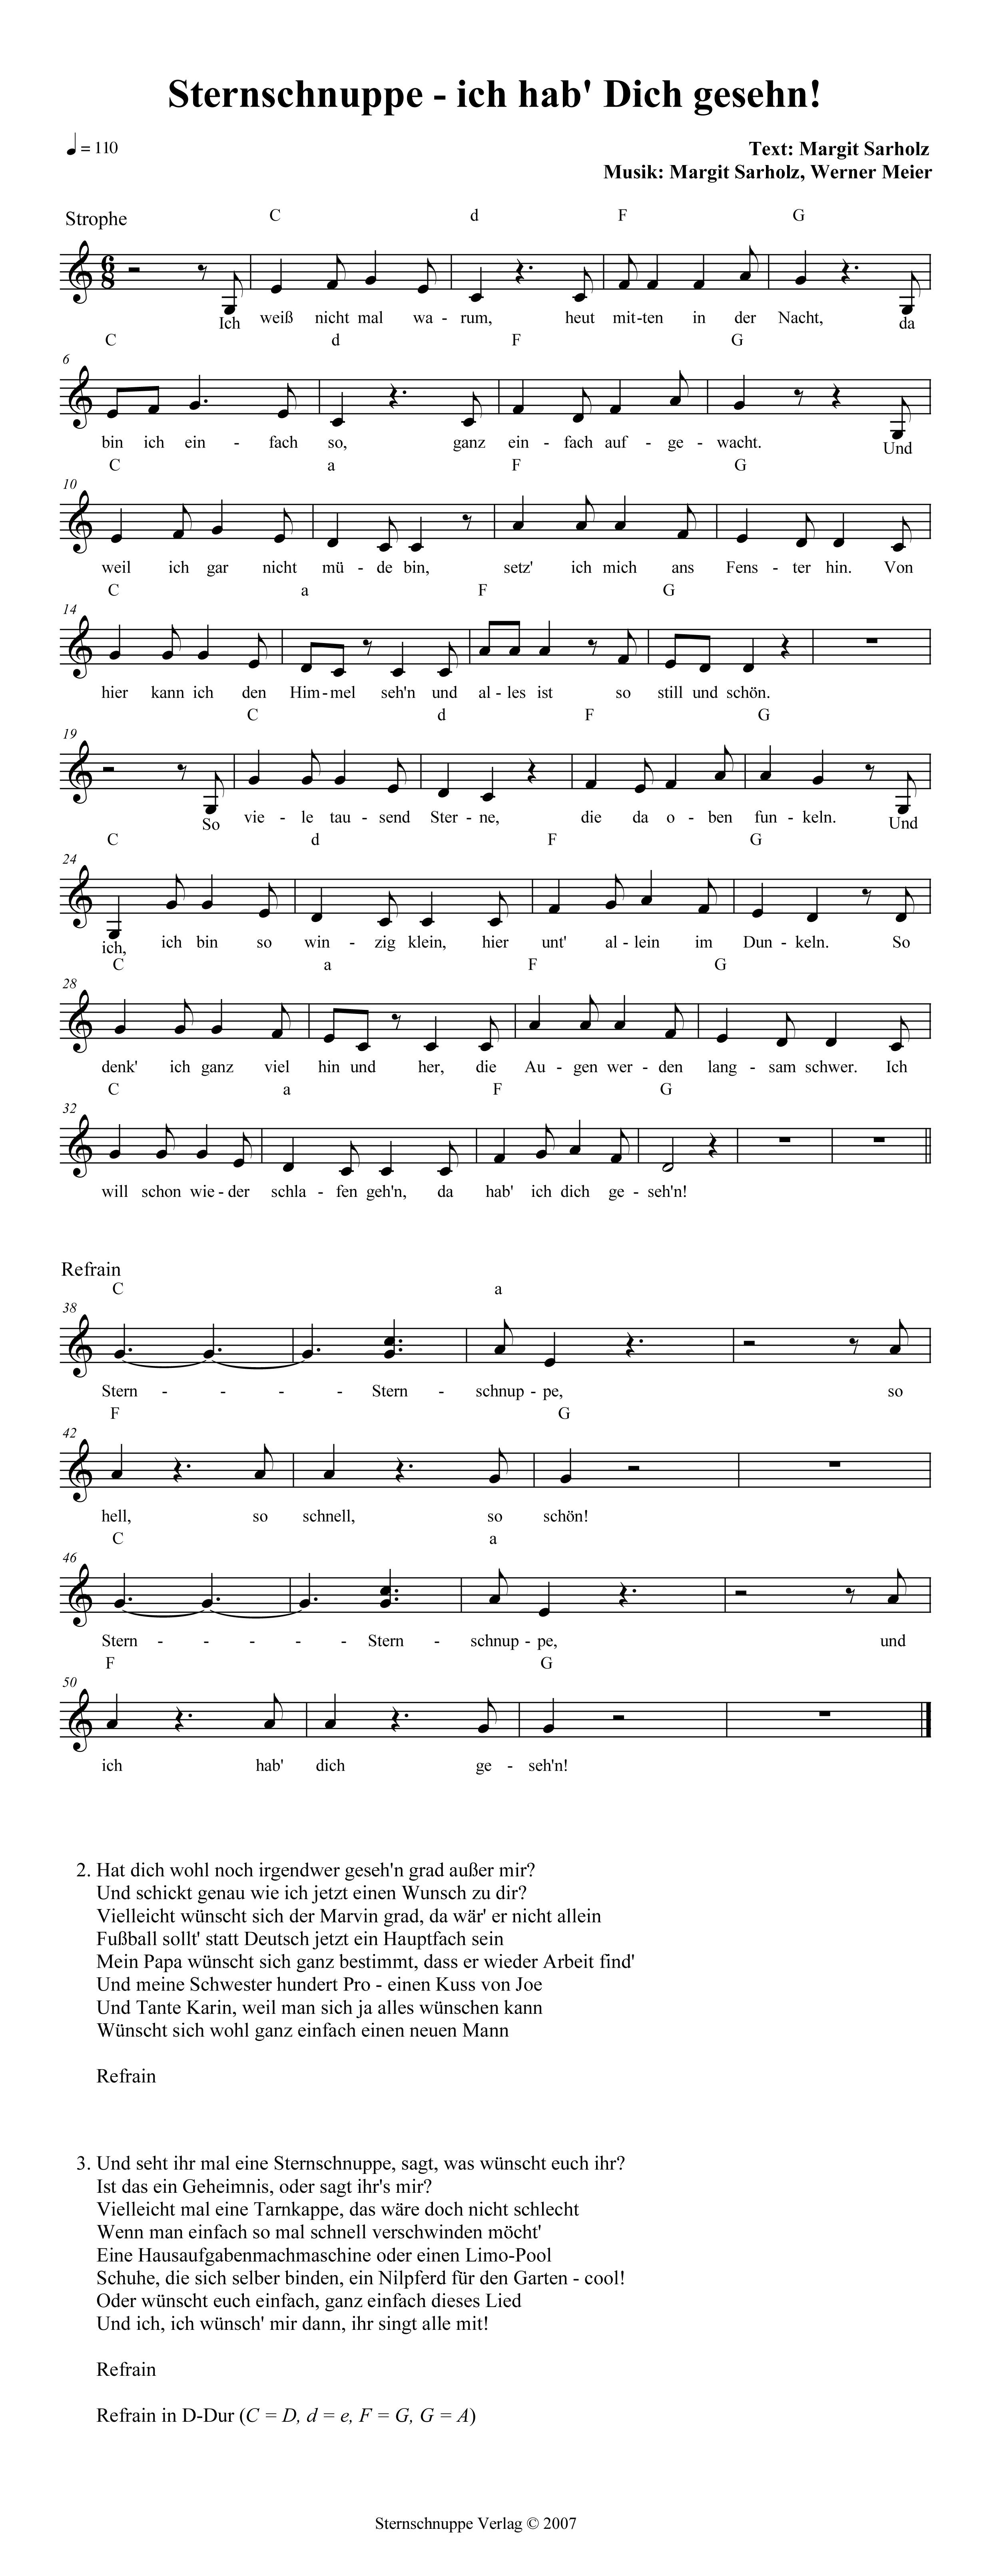 Sternschnuppe - ich hab\' Dich gesehn! - Kinderlieder Texte und Noten